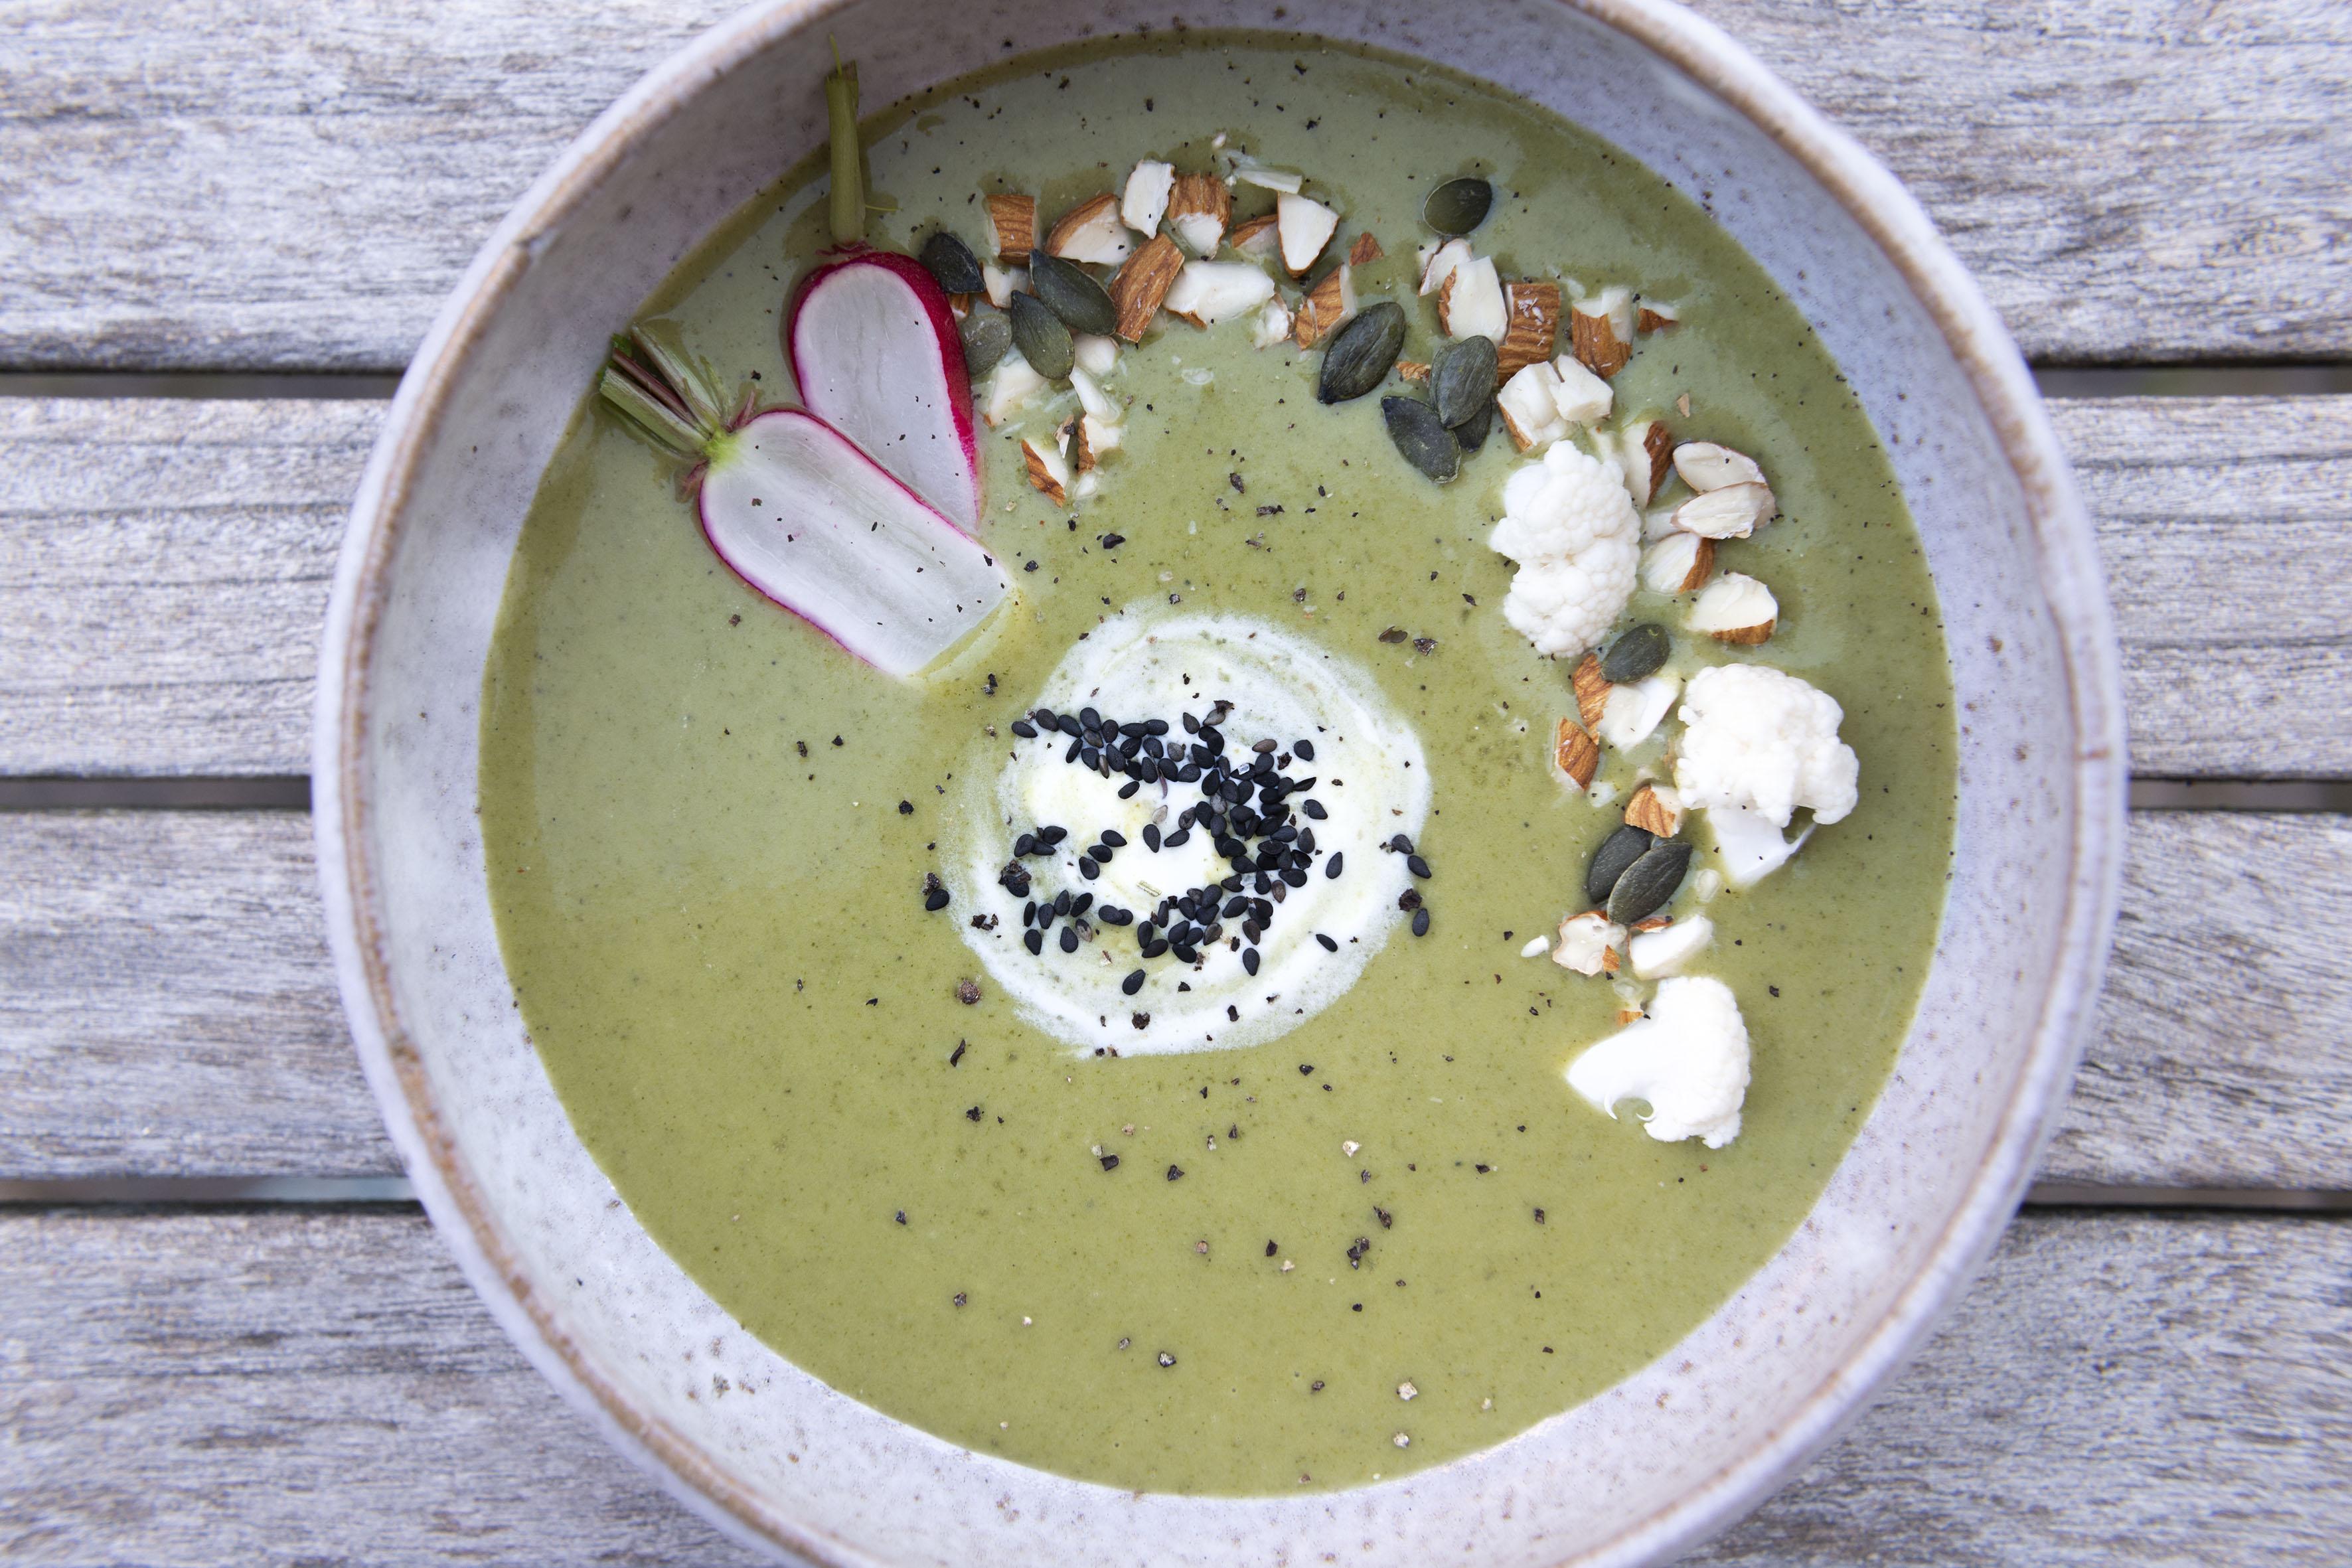 Photo vue du dessus d'un velouté vert parsemé de graines, légumes crus, amandes effilées... dressé sur assiette creuse grise.